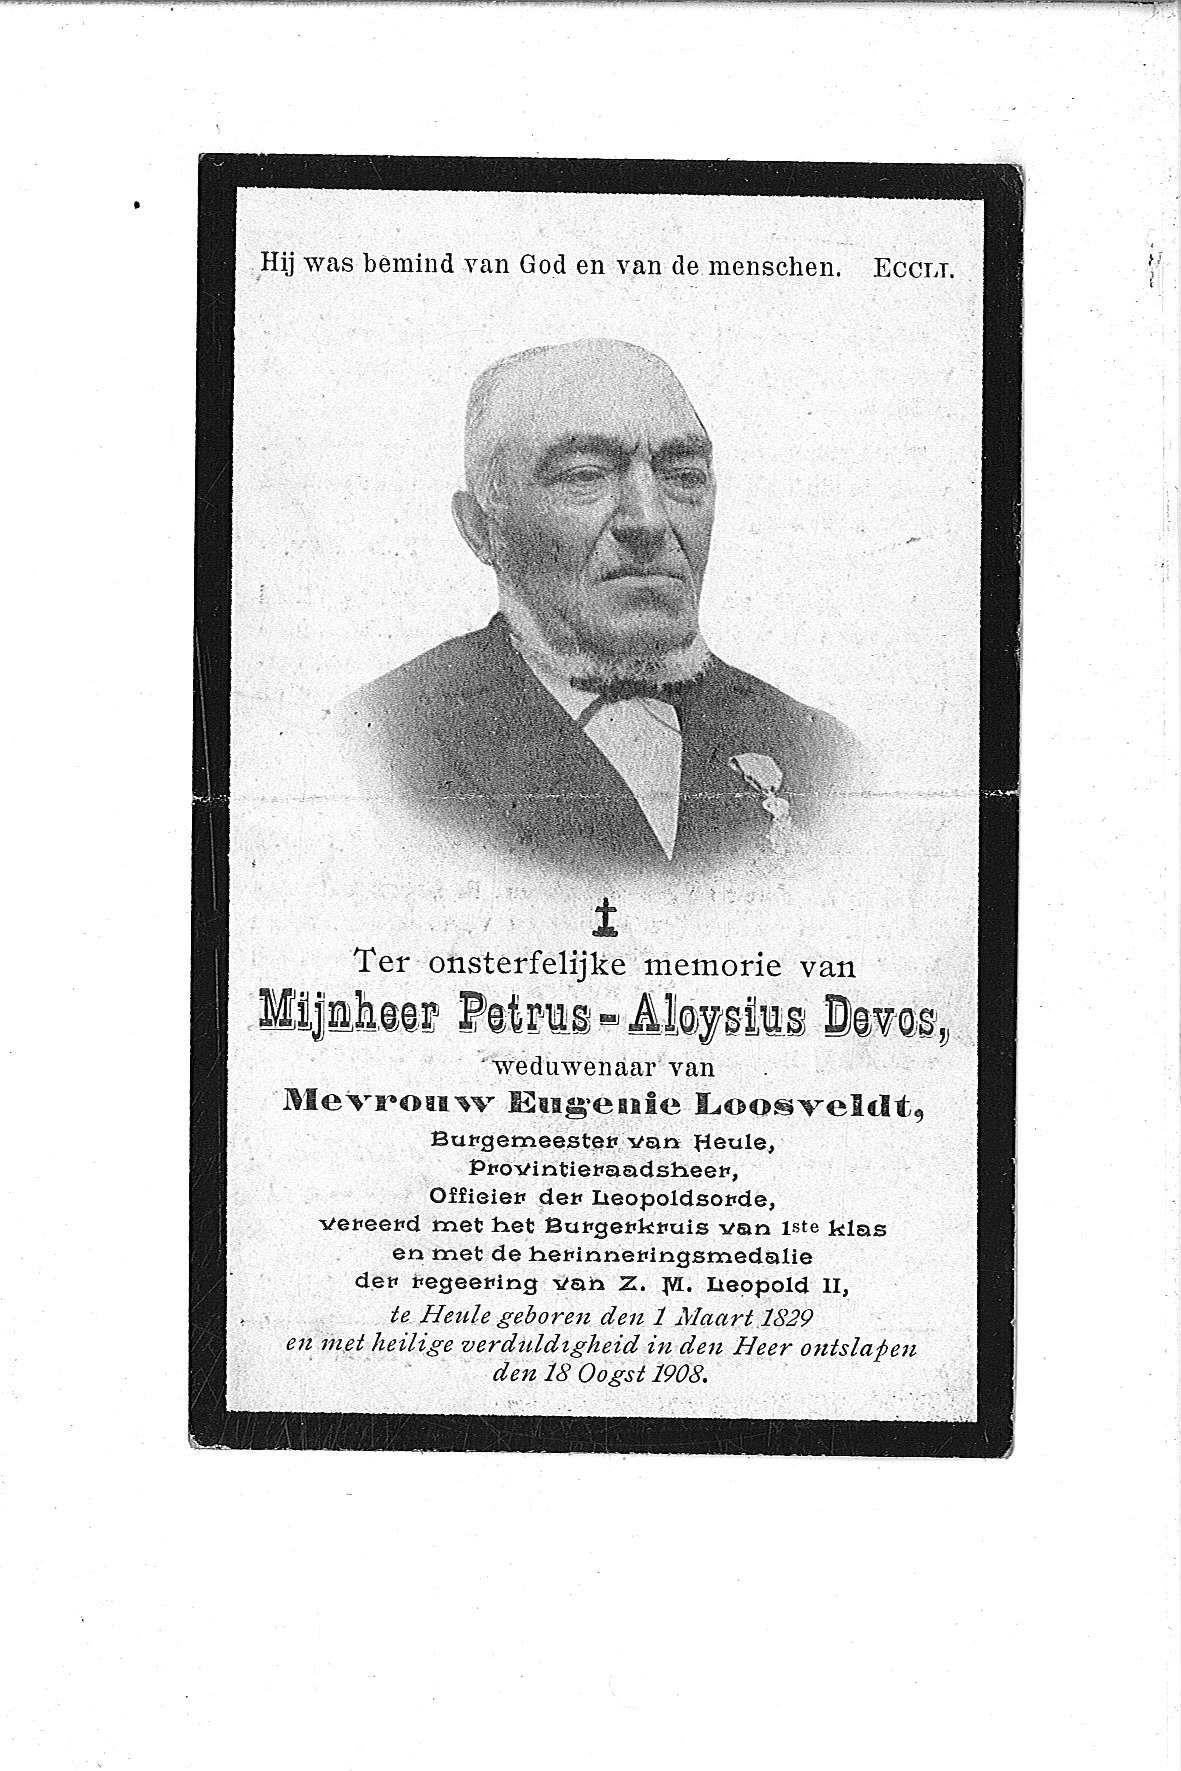 Perus-Aloysius (1908) 20120306152925_00012.jpg